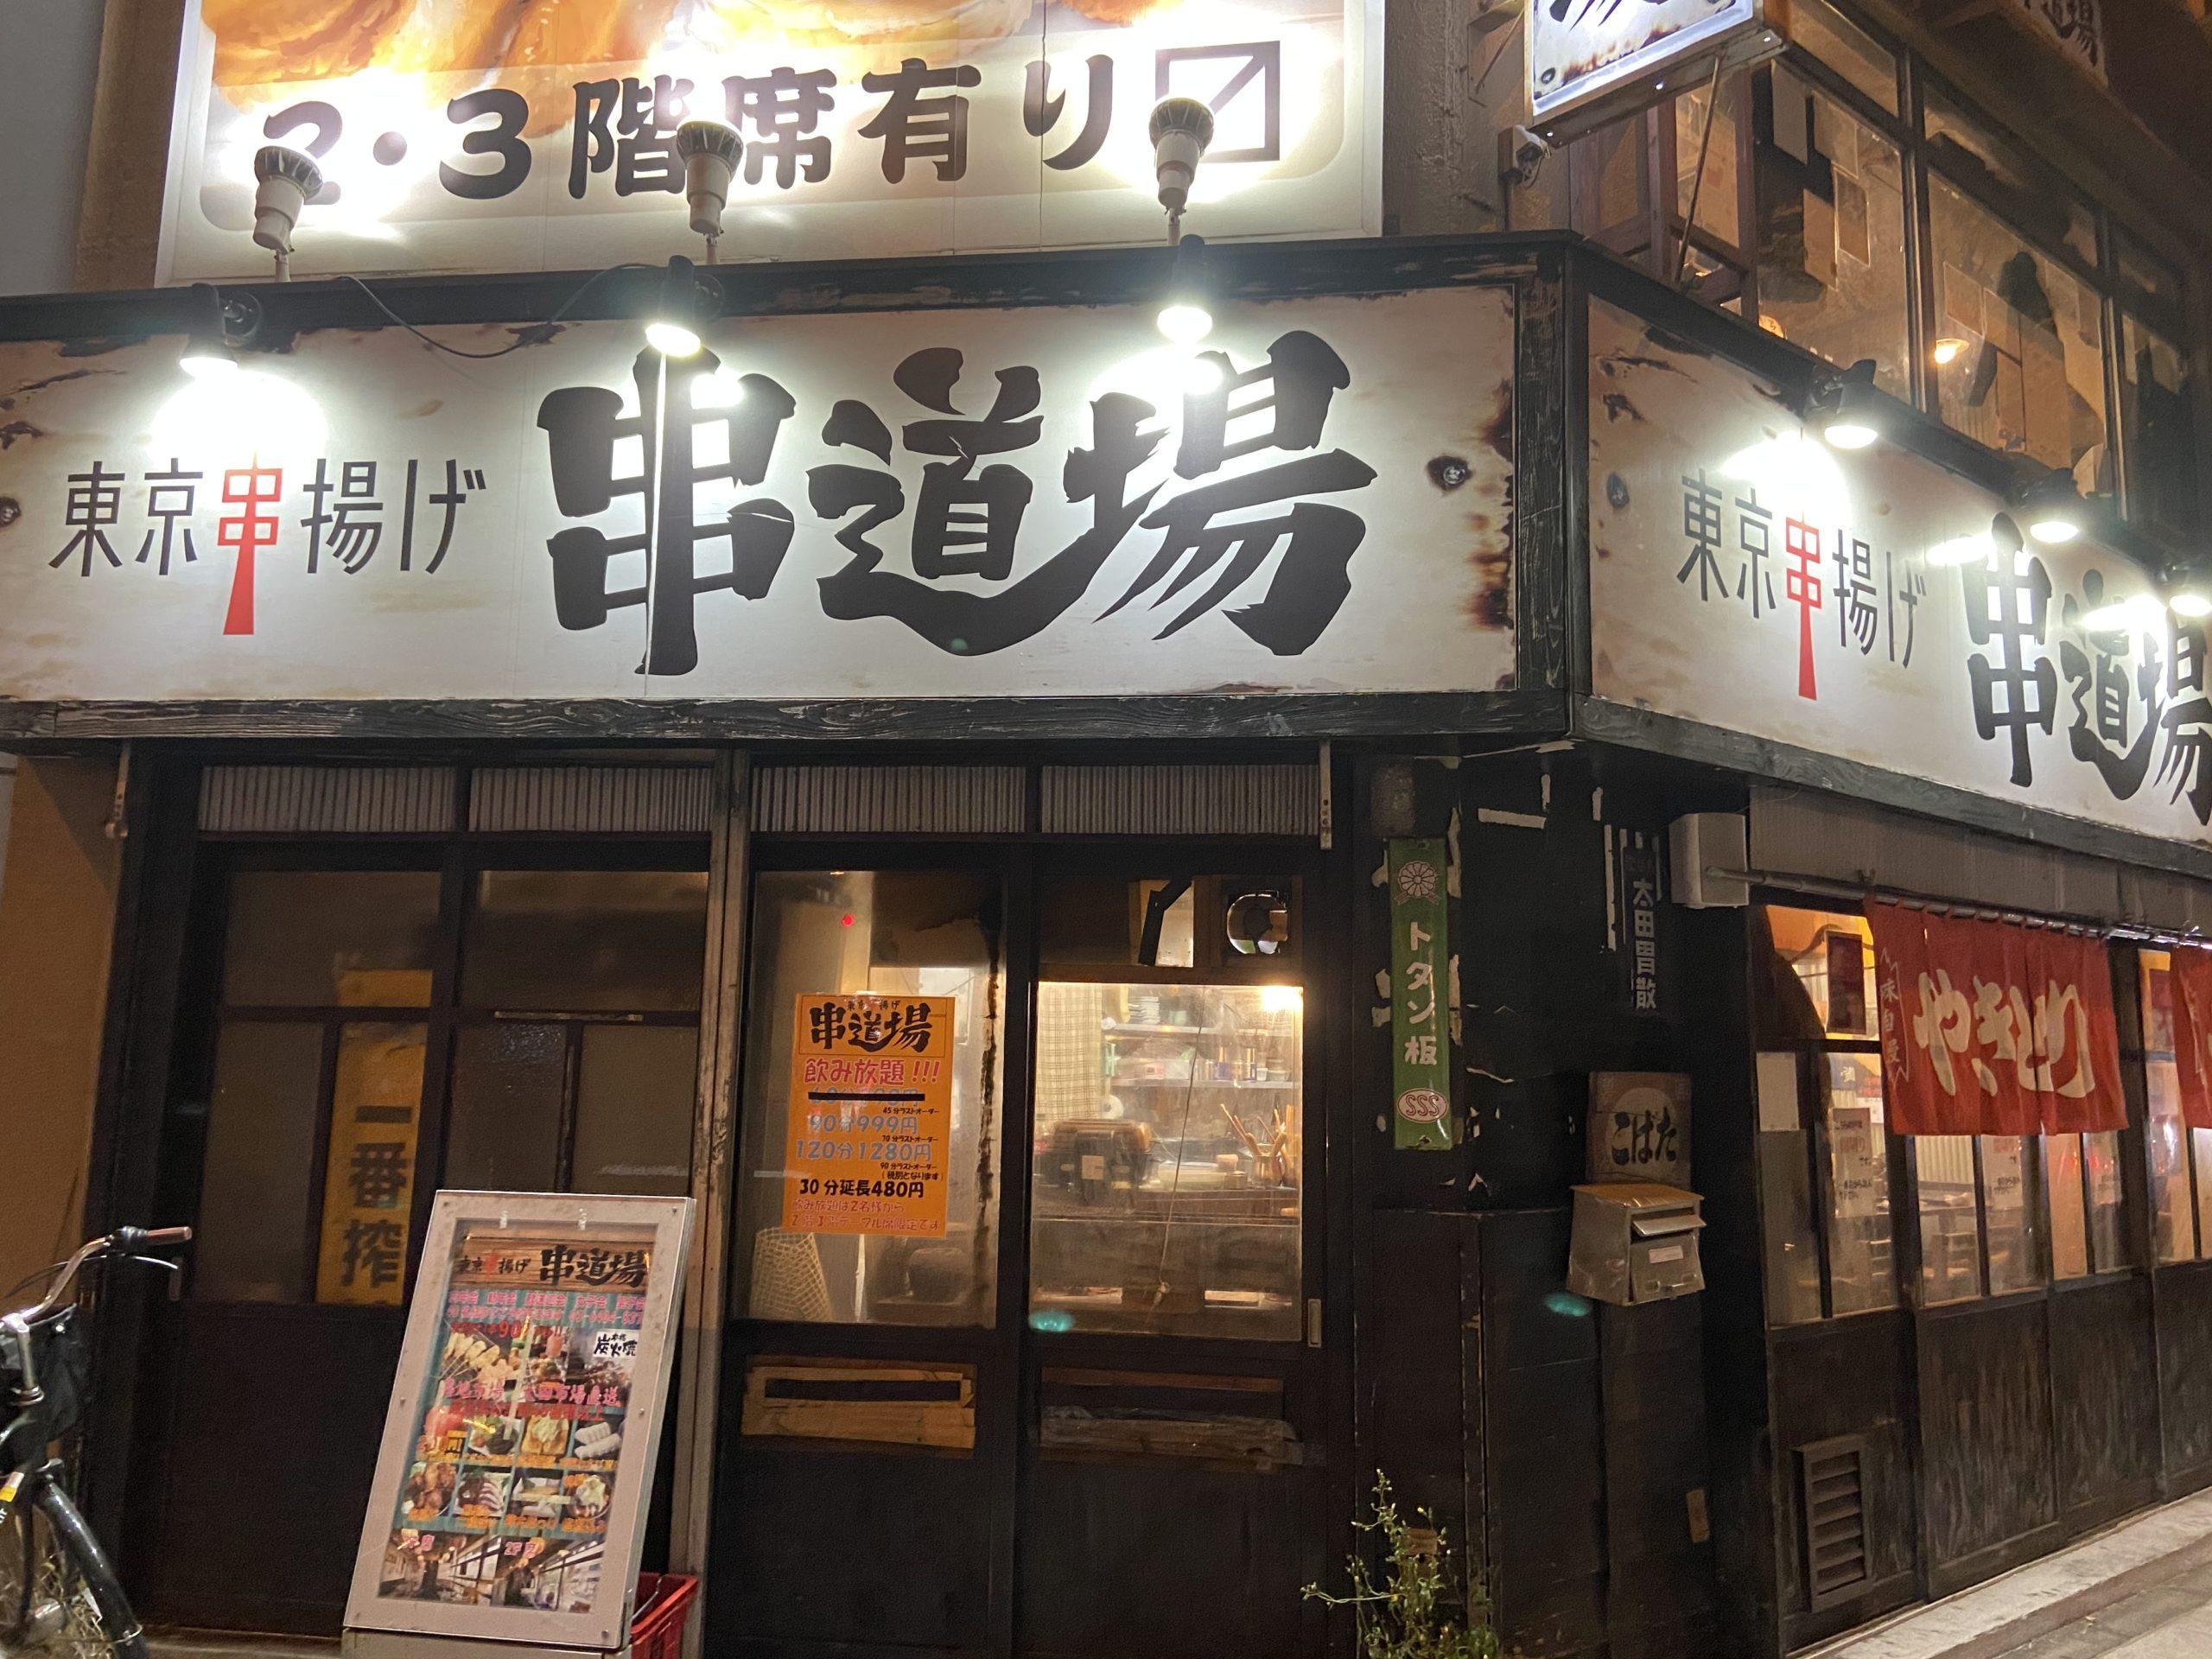 東京串揚げ 串道場 平和島店